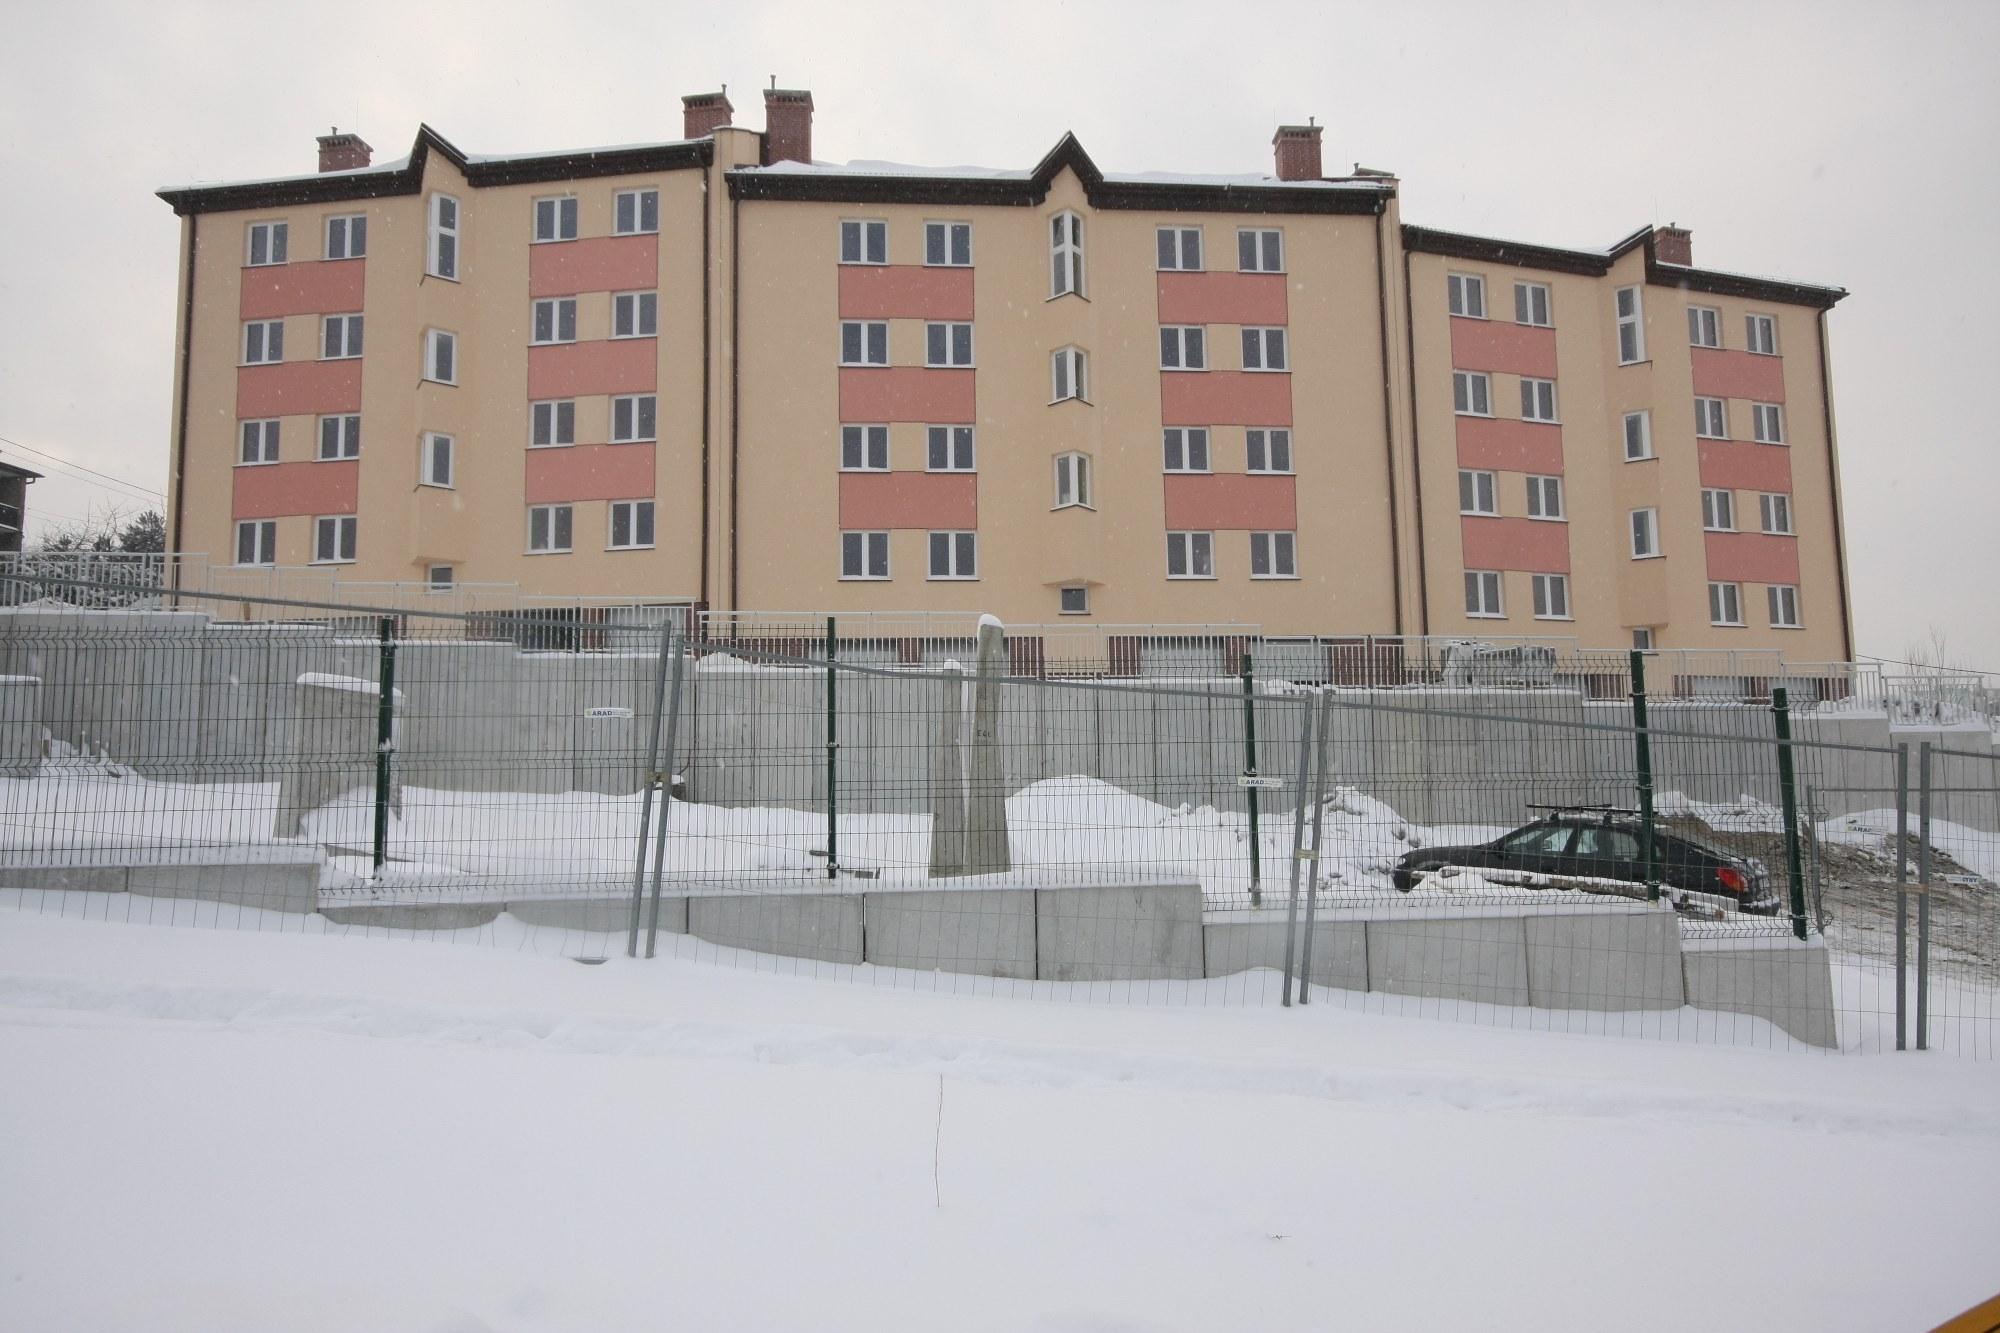 Nowe mieszkania w Bielsku-Białej. Kto wybuduje 6 bloków?